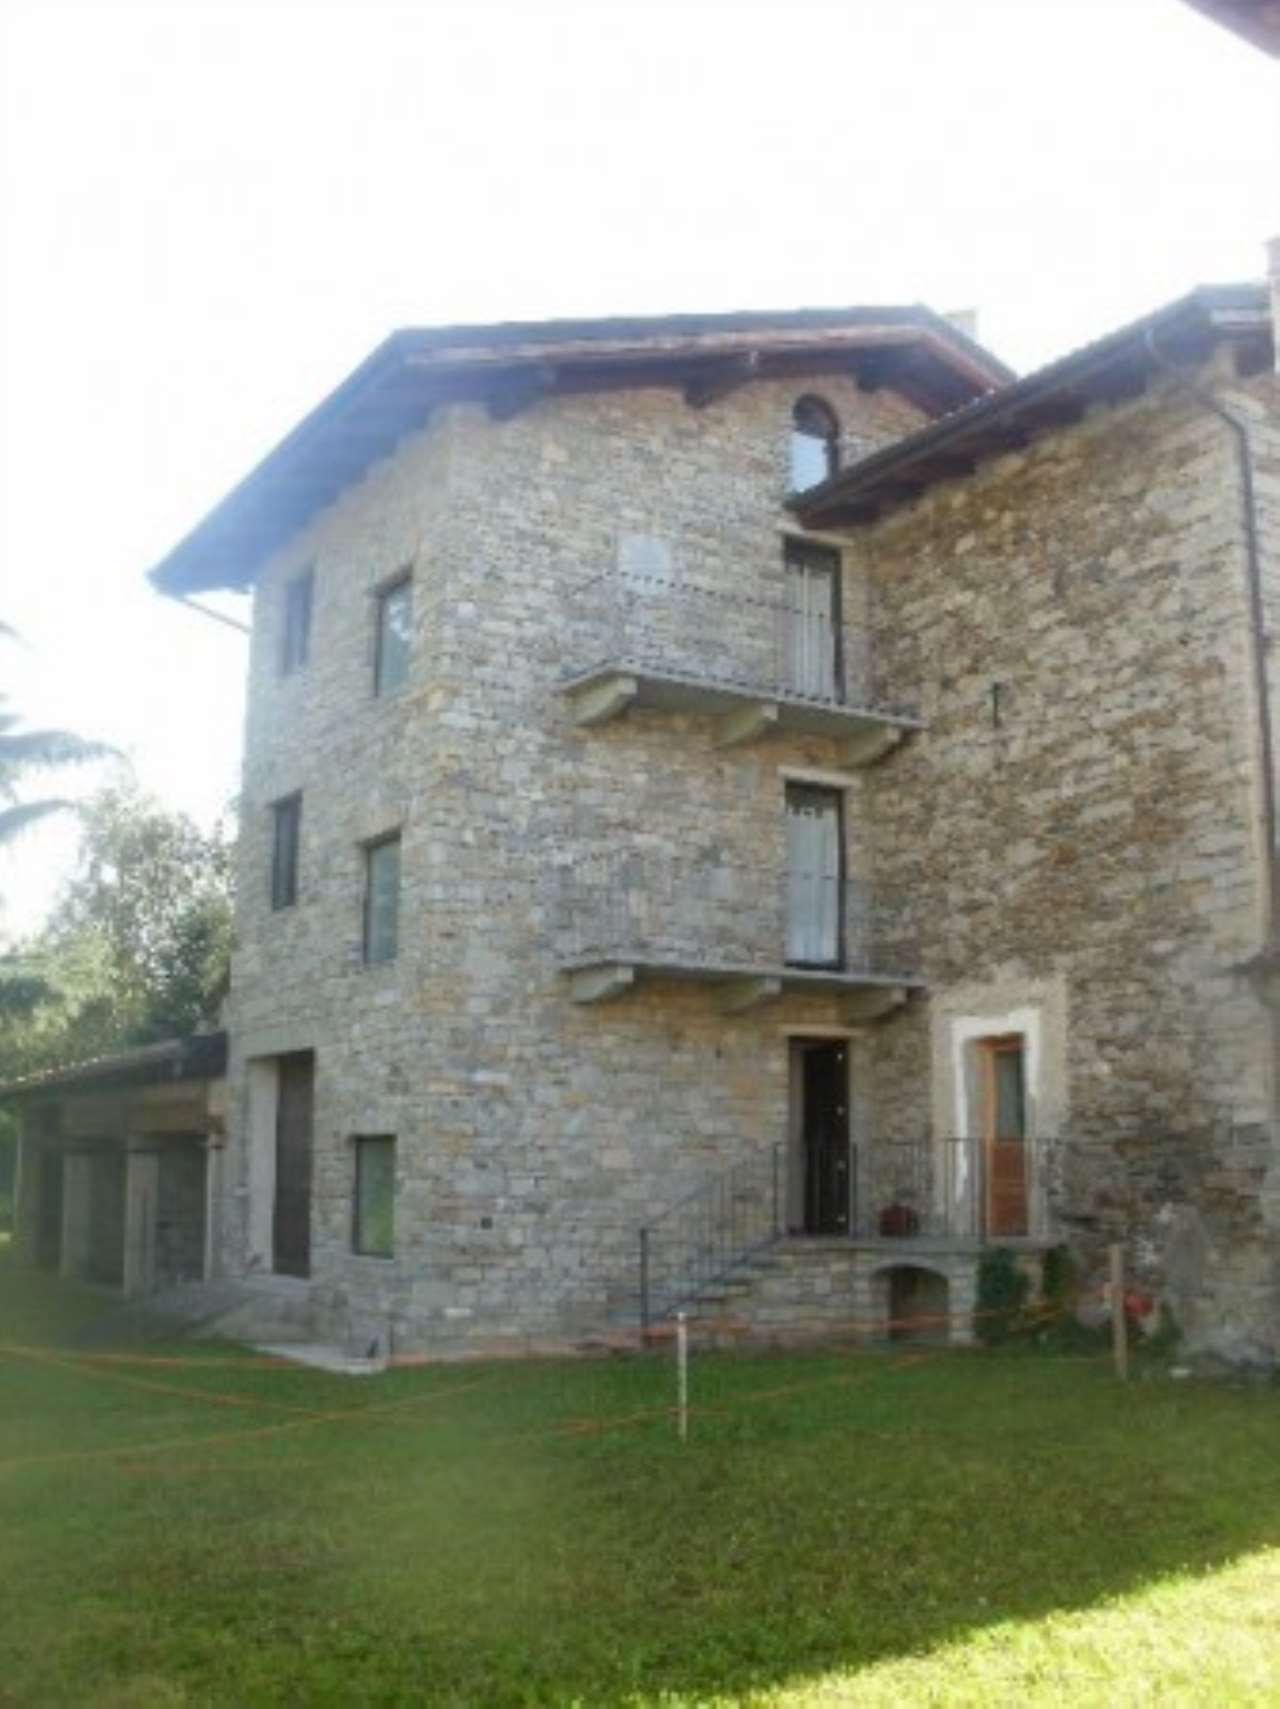 Rustico / Casale in vendita a San Giorio di Susa, 6 locali, prezzo € 179.000   Cambio Casa.it